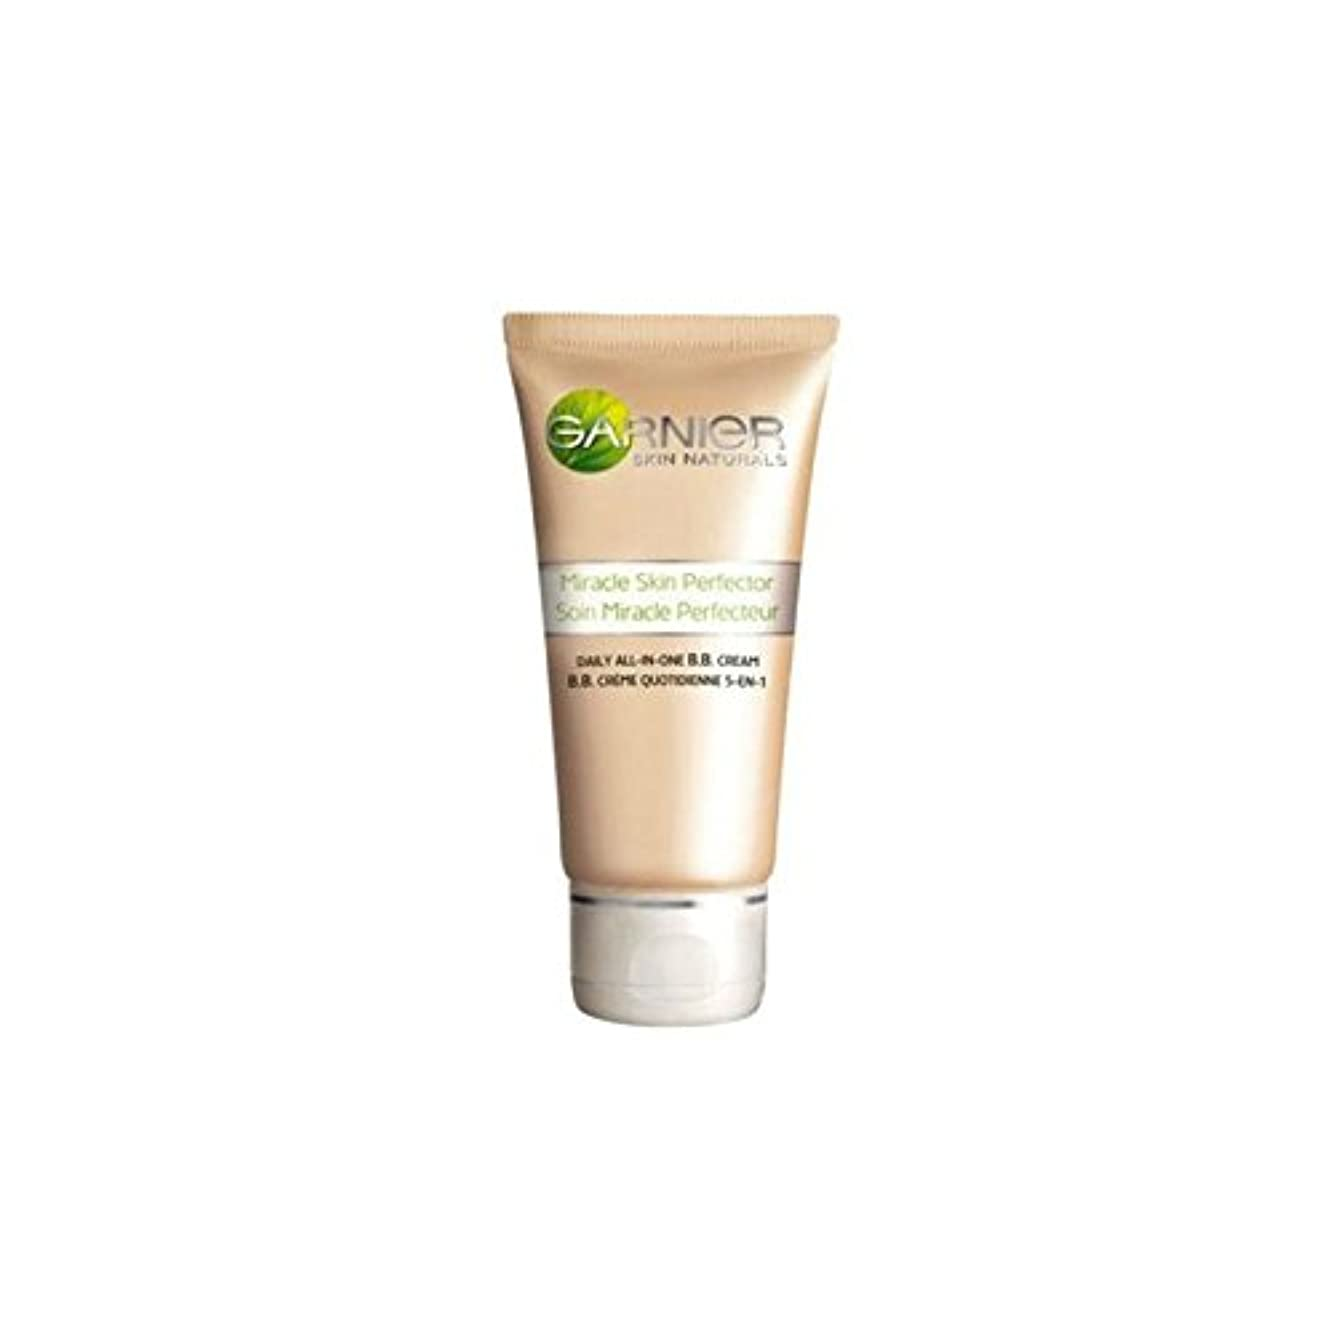 信じられない方向ペストGarnier Original Medium Bb Cream (50ml) (Pack of 6) - ガルニエオリジナル媒体クリーム(50)中 x6 [並行輸入品]